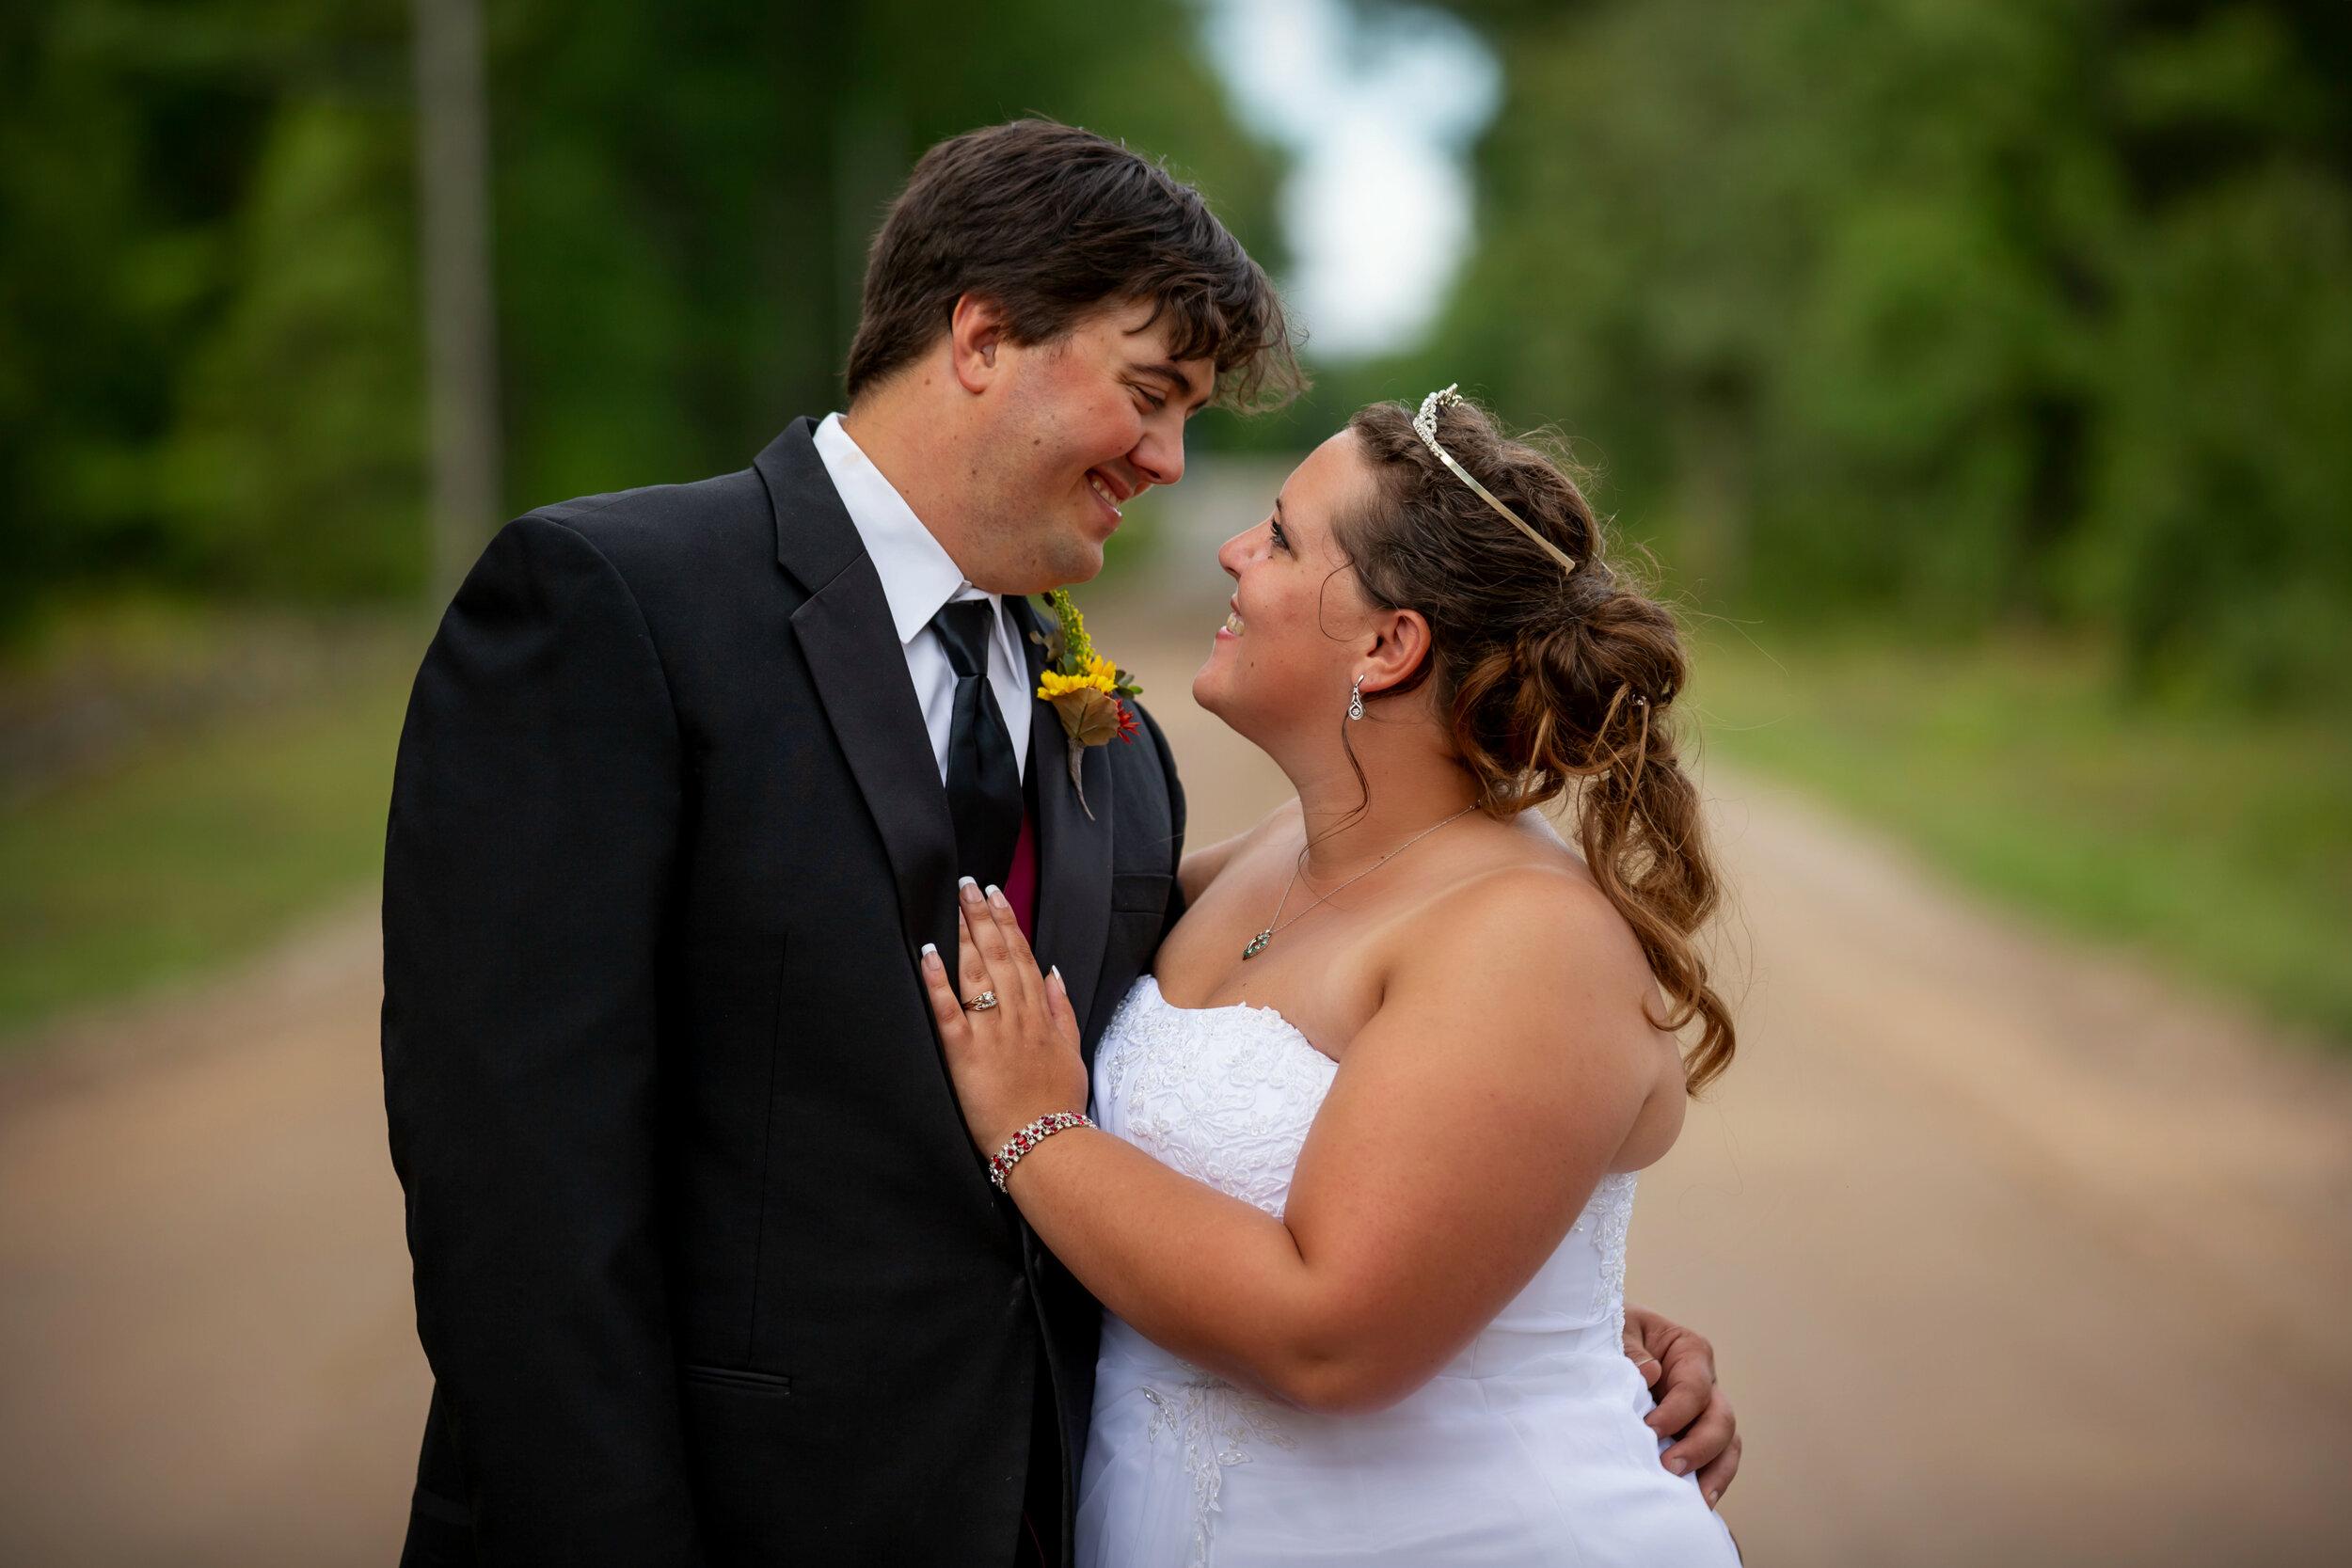 Bird Wedding 9.7.2019 Houghton Lake, Michigan.